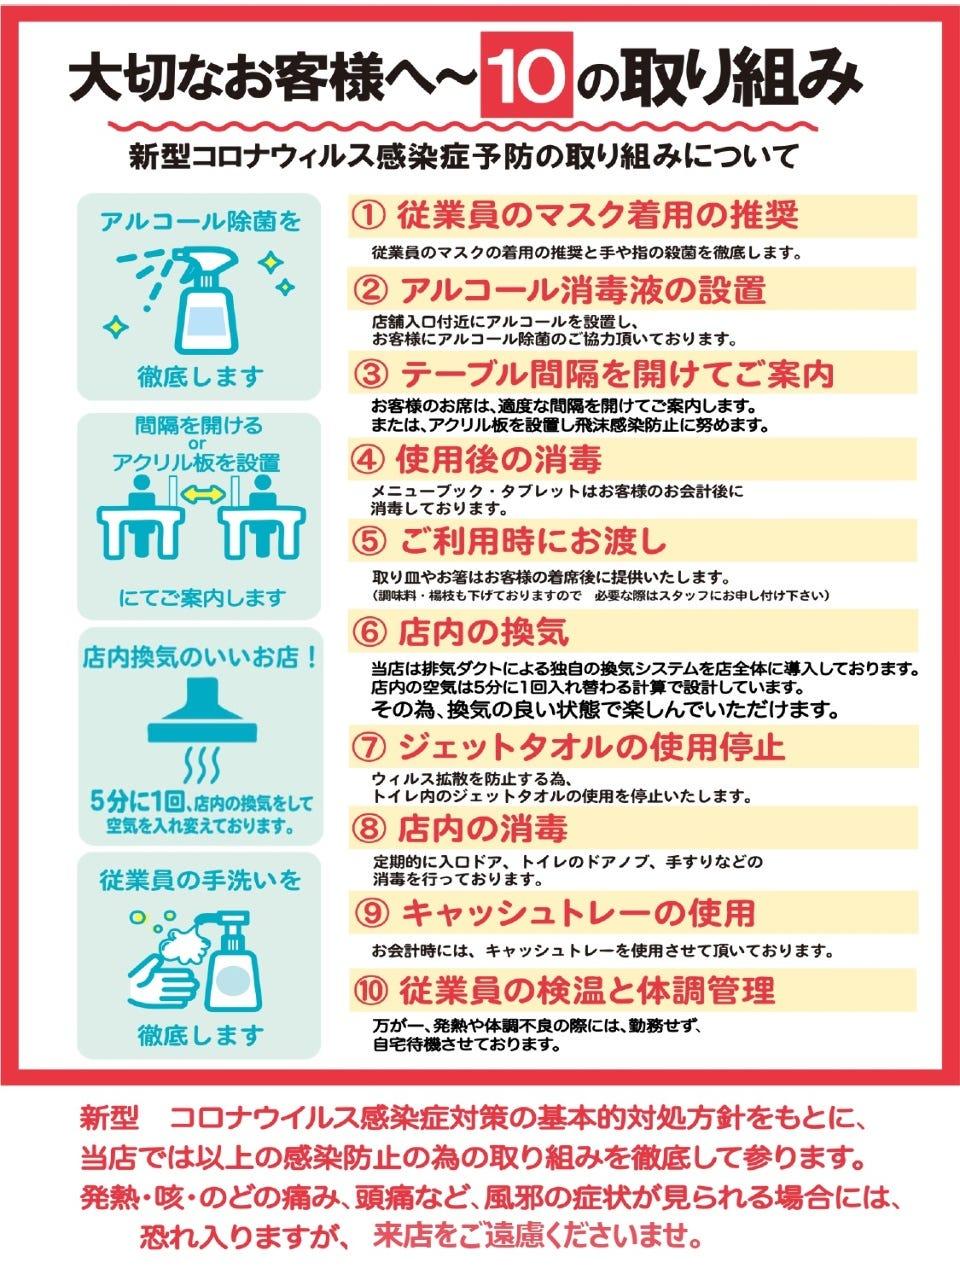 感染対策10の取り組みをご紹介!